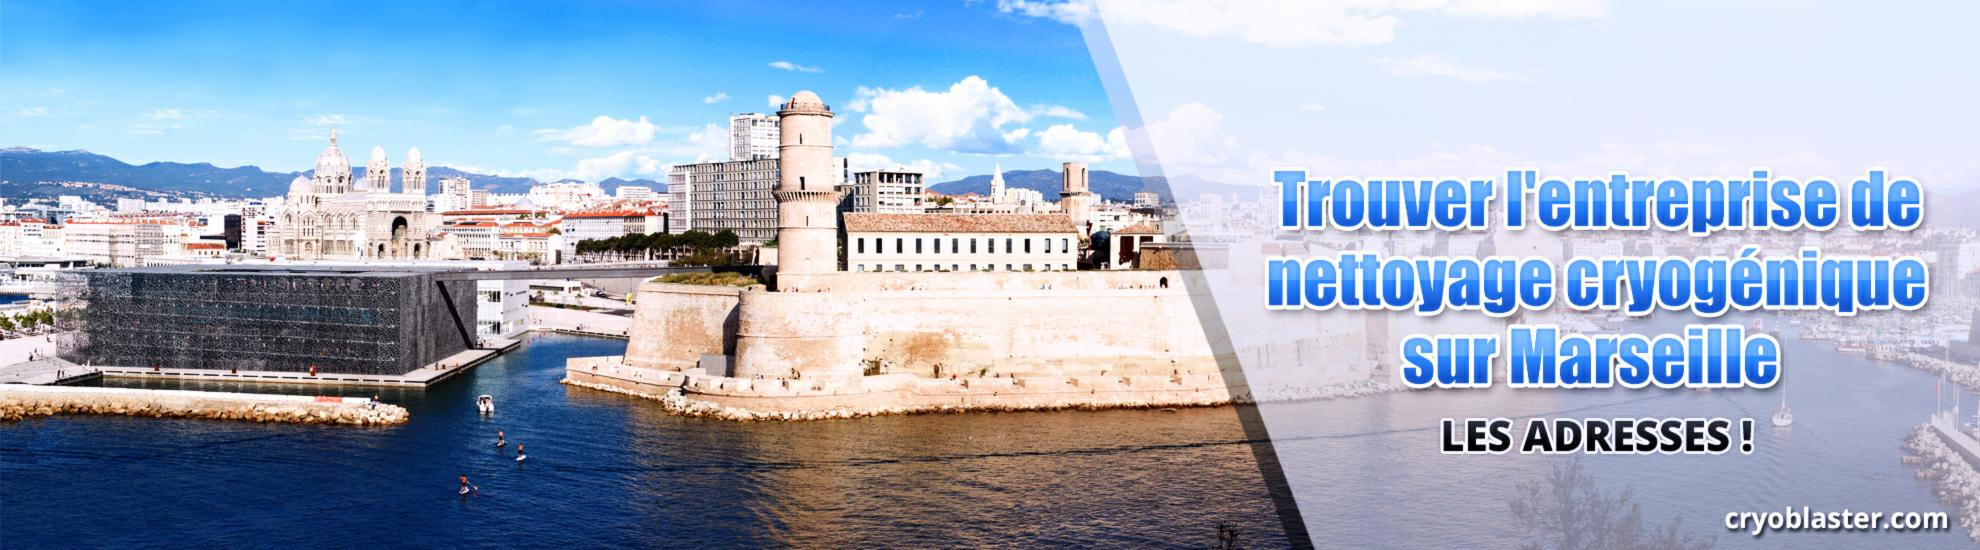 Nettoyage cryogénique sur Marseille